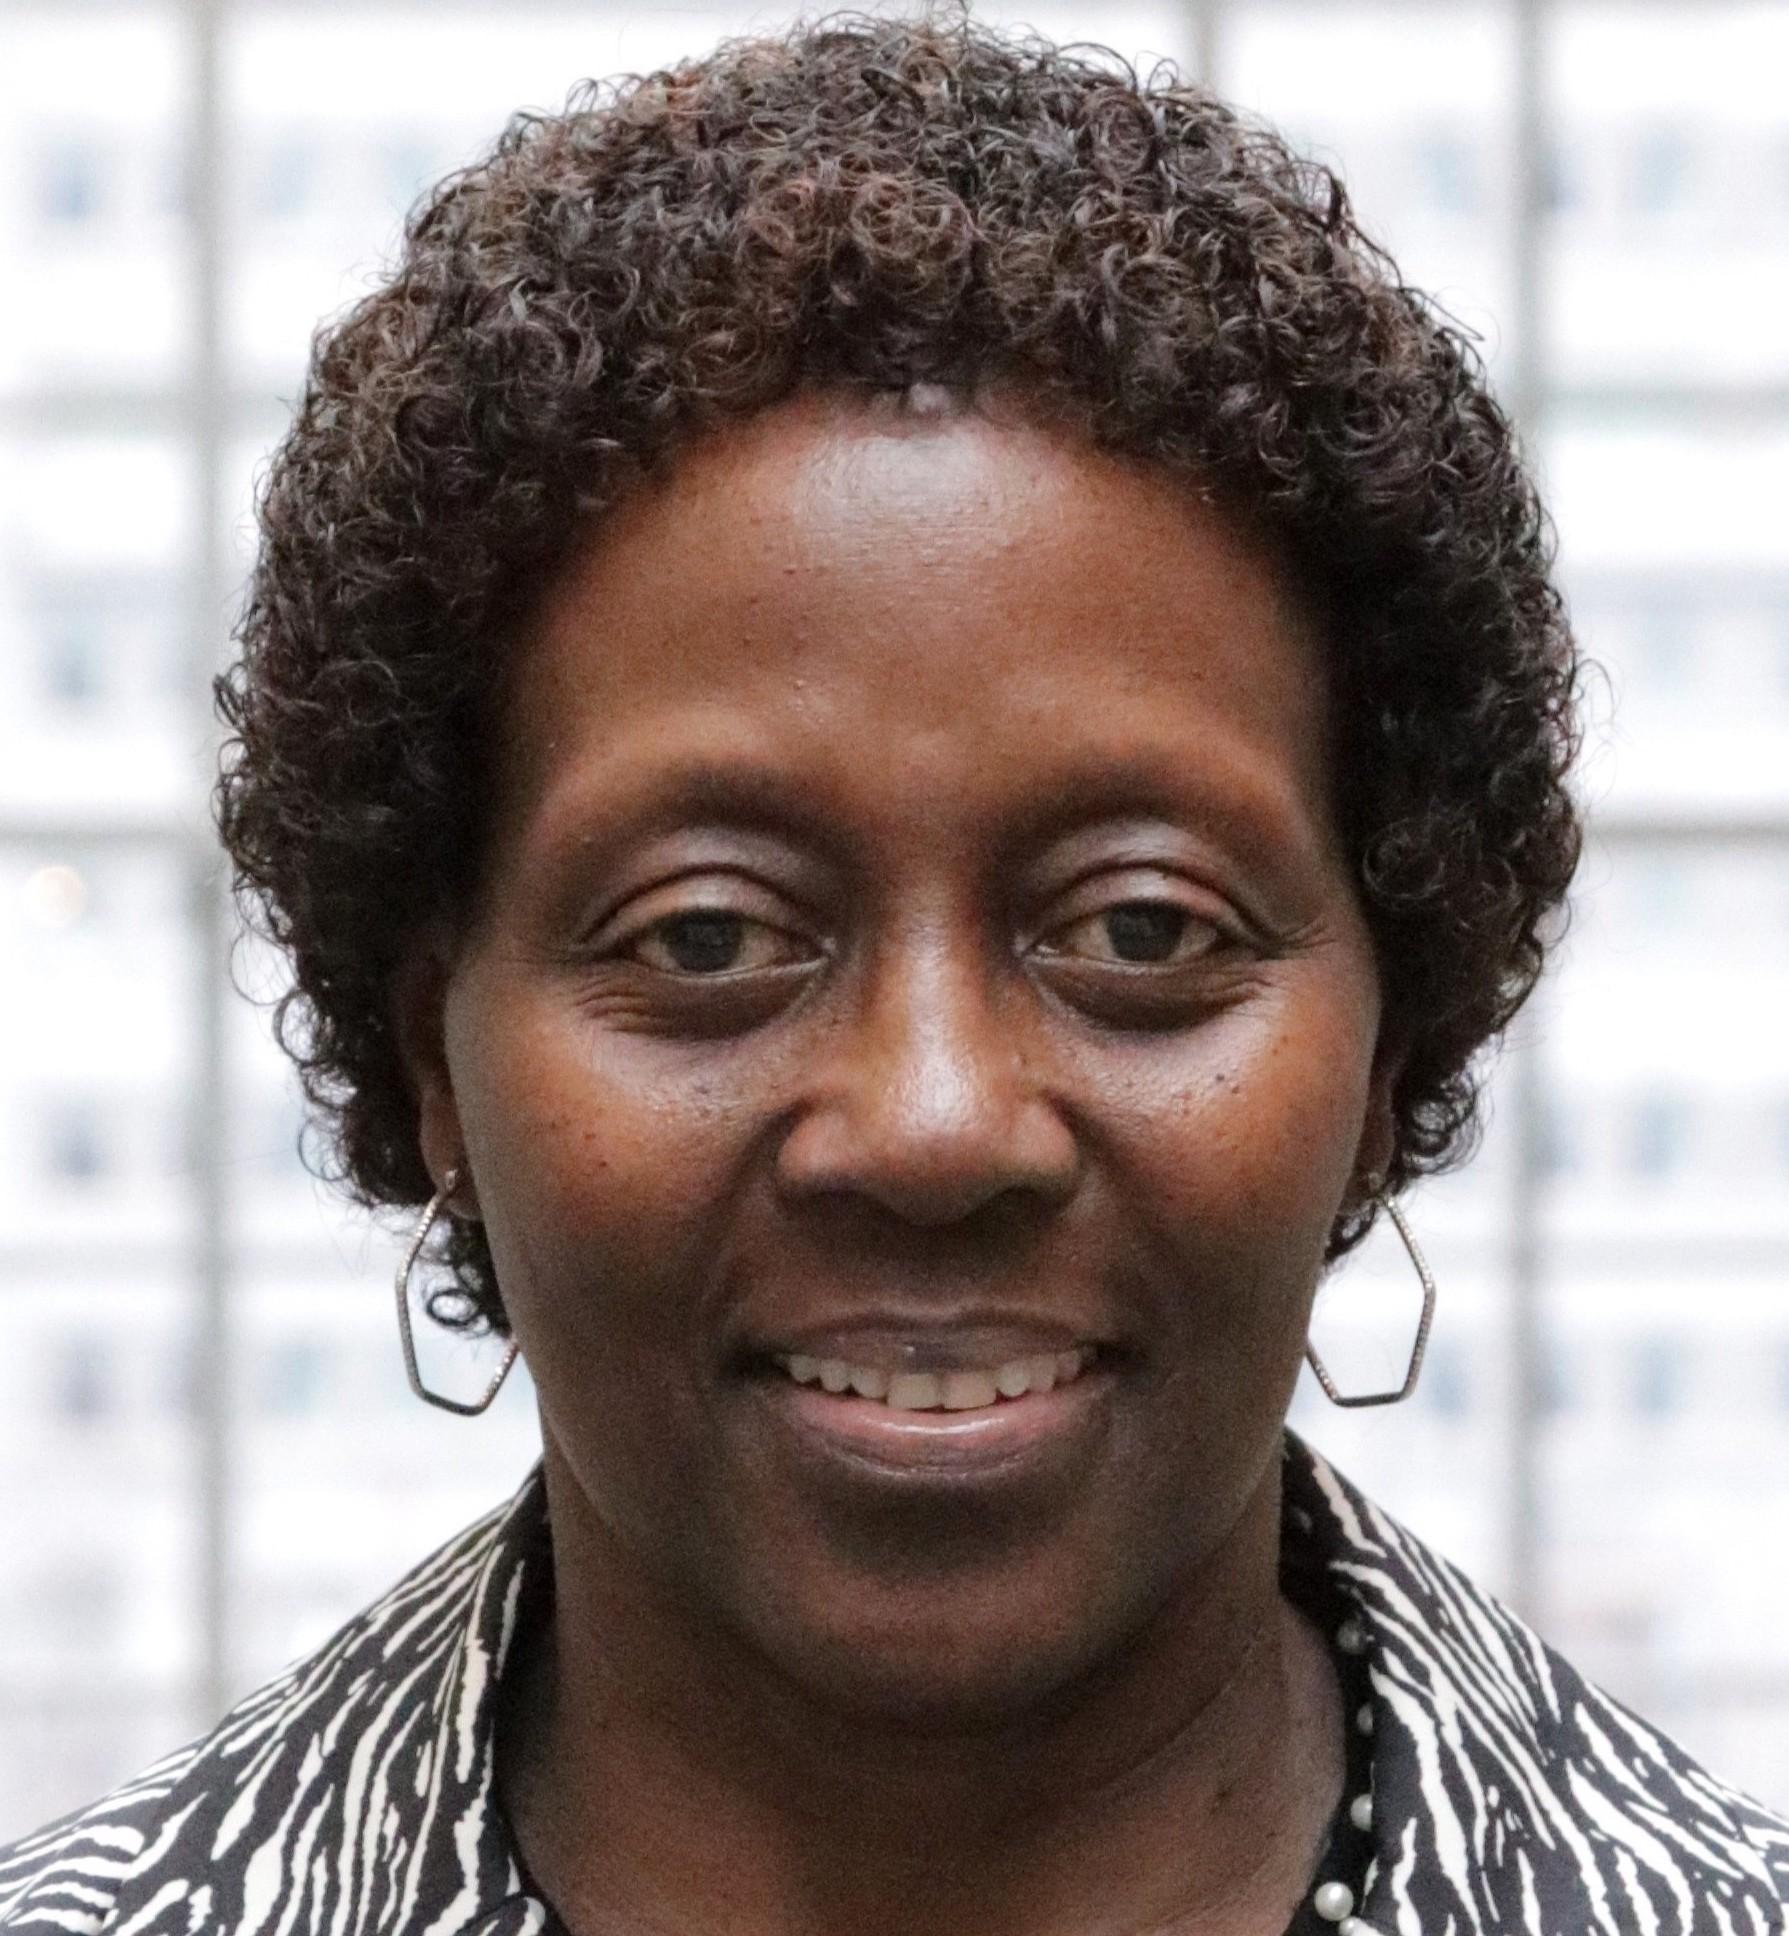 Elizabeth Maruma Mrema